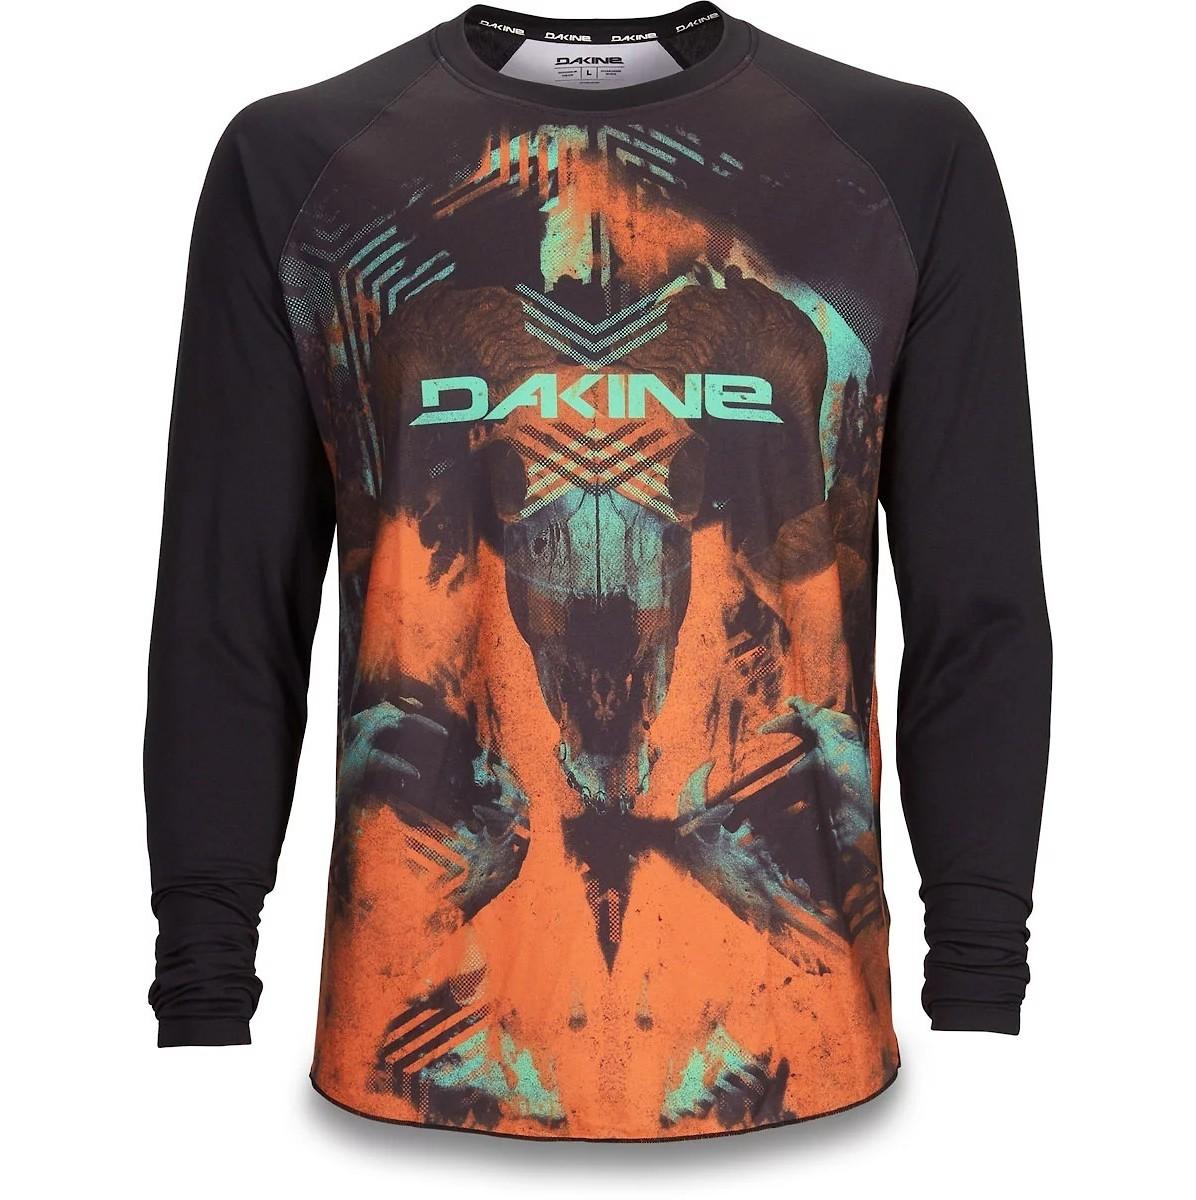 Dakine Dropout L/S - Diablo